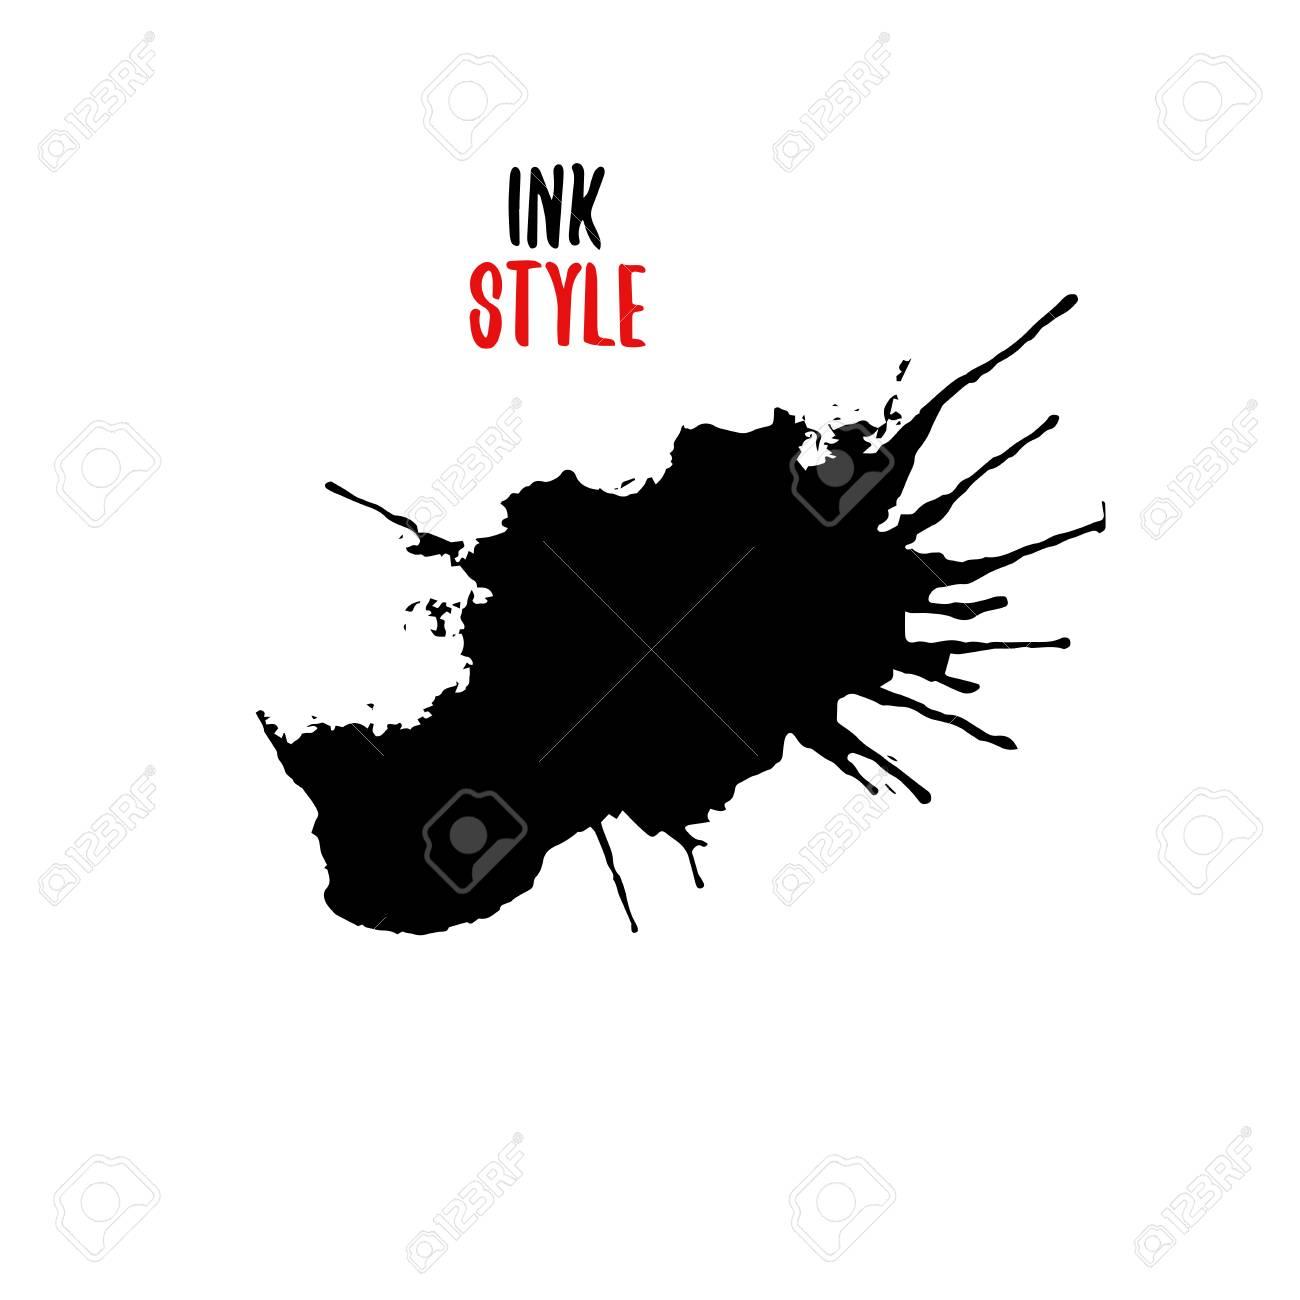 black ink splatter black hand drawn blot or splash on white rh 123rf com ink splatter vector illustrator free ink splatter vector illustrator free